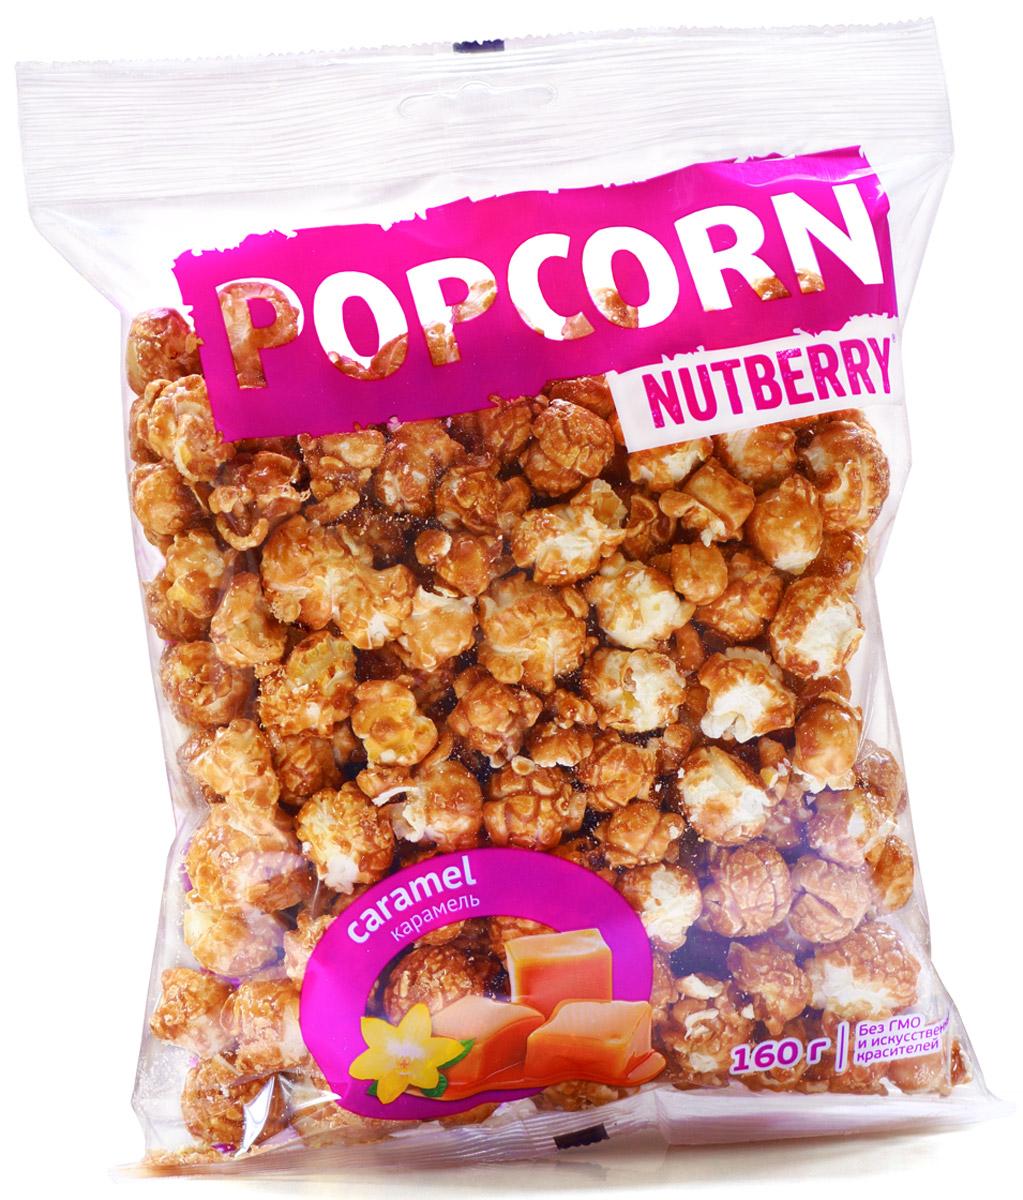 Nutberryпопкорнсладкийкарамель,160г4620000679462Вкусный сладкий попкорн с натуральной карамелью.